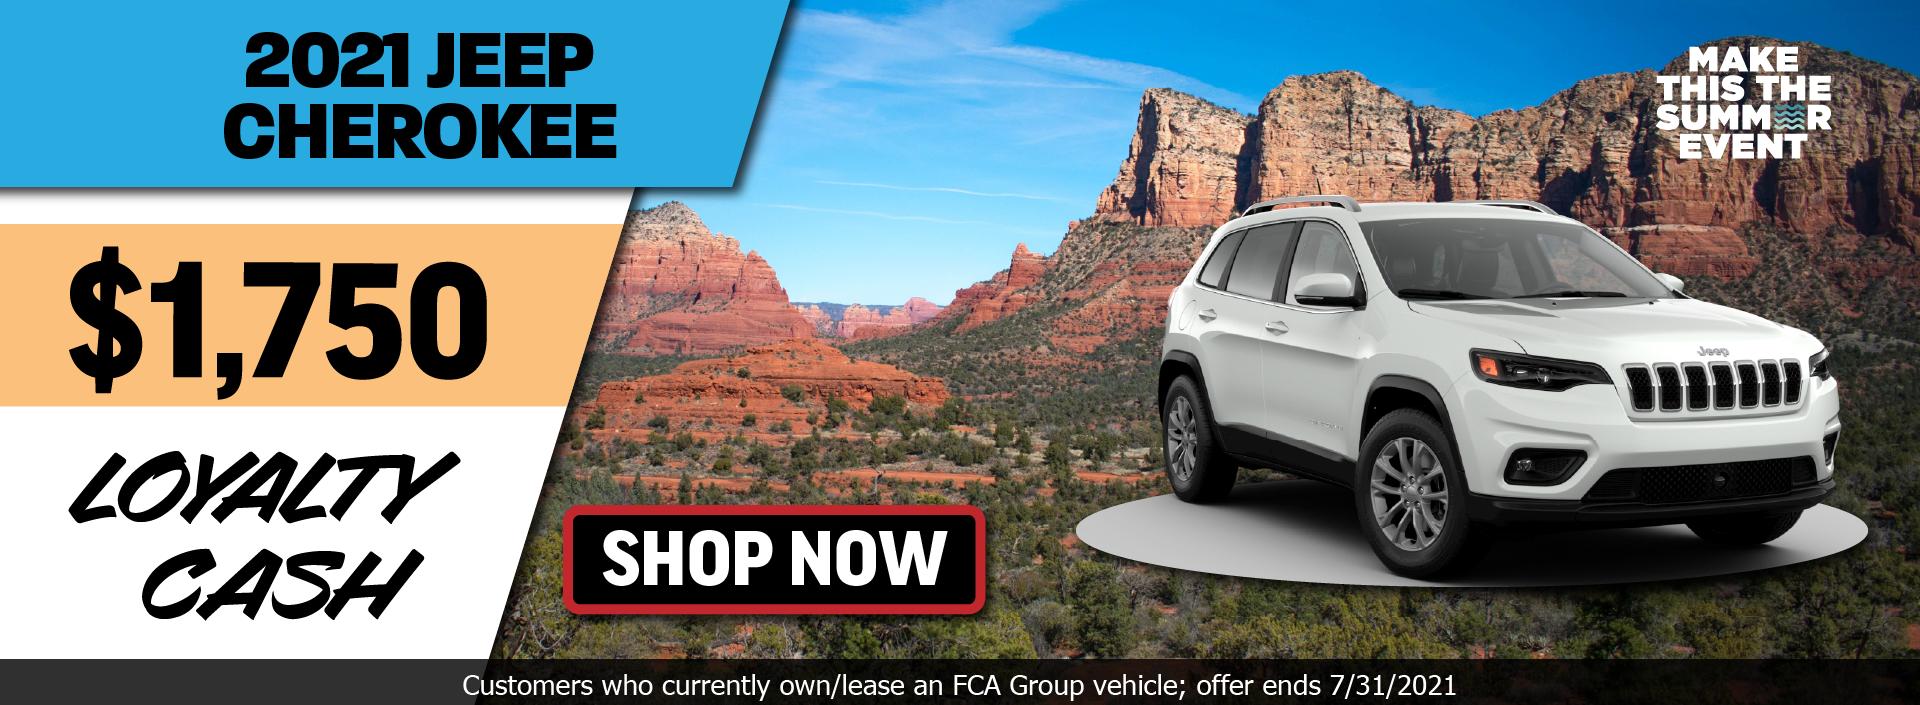 2021 Jeep Cherokee_July 2021